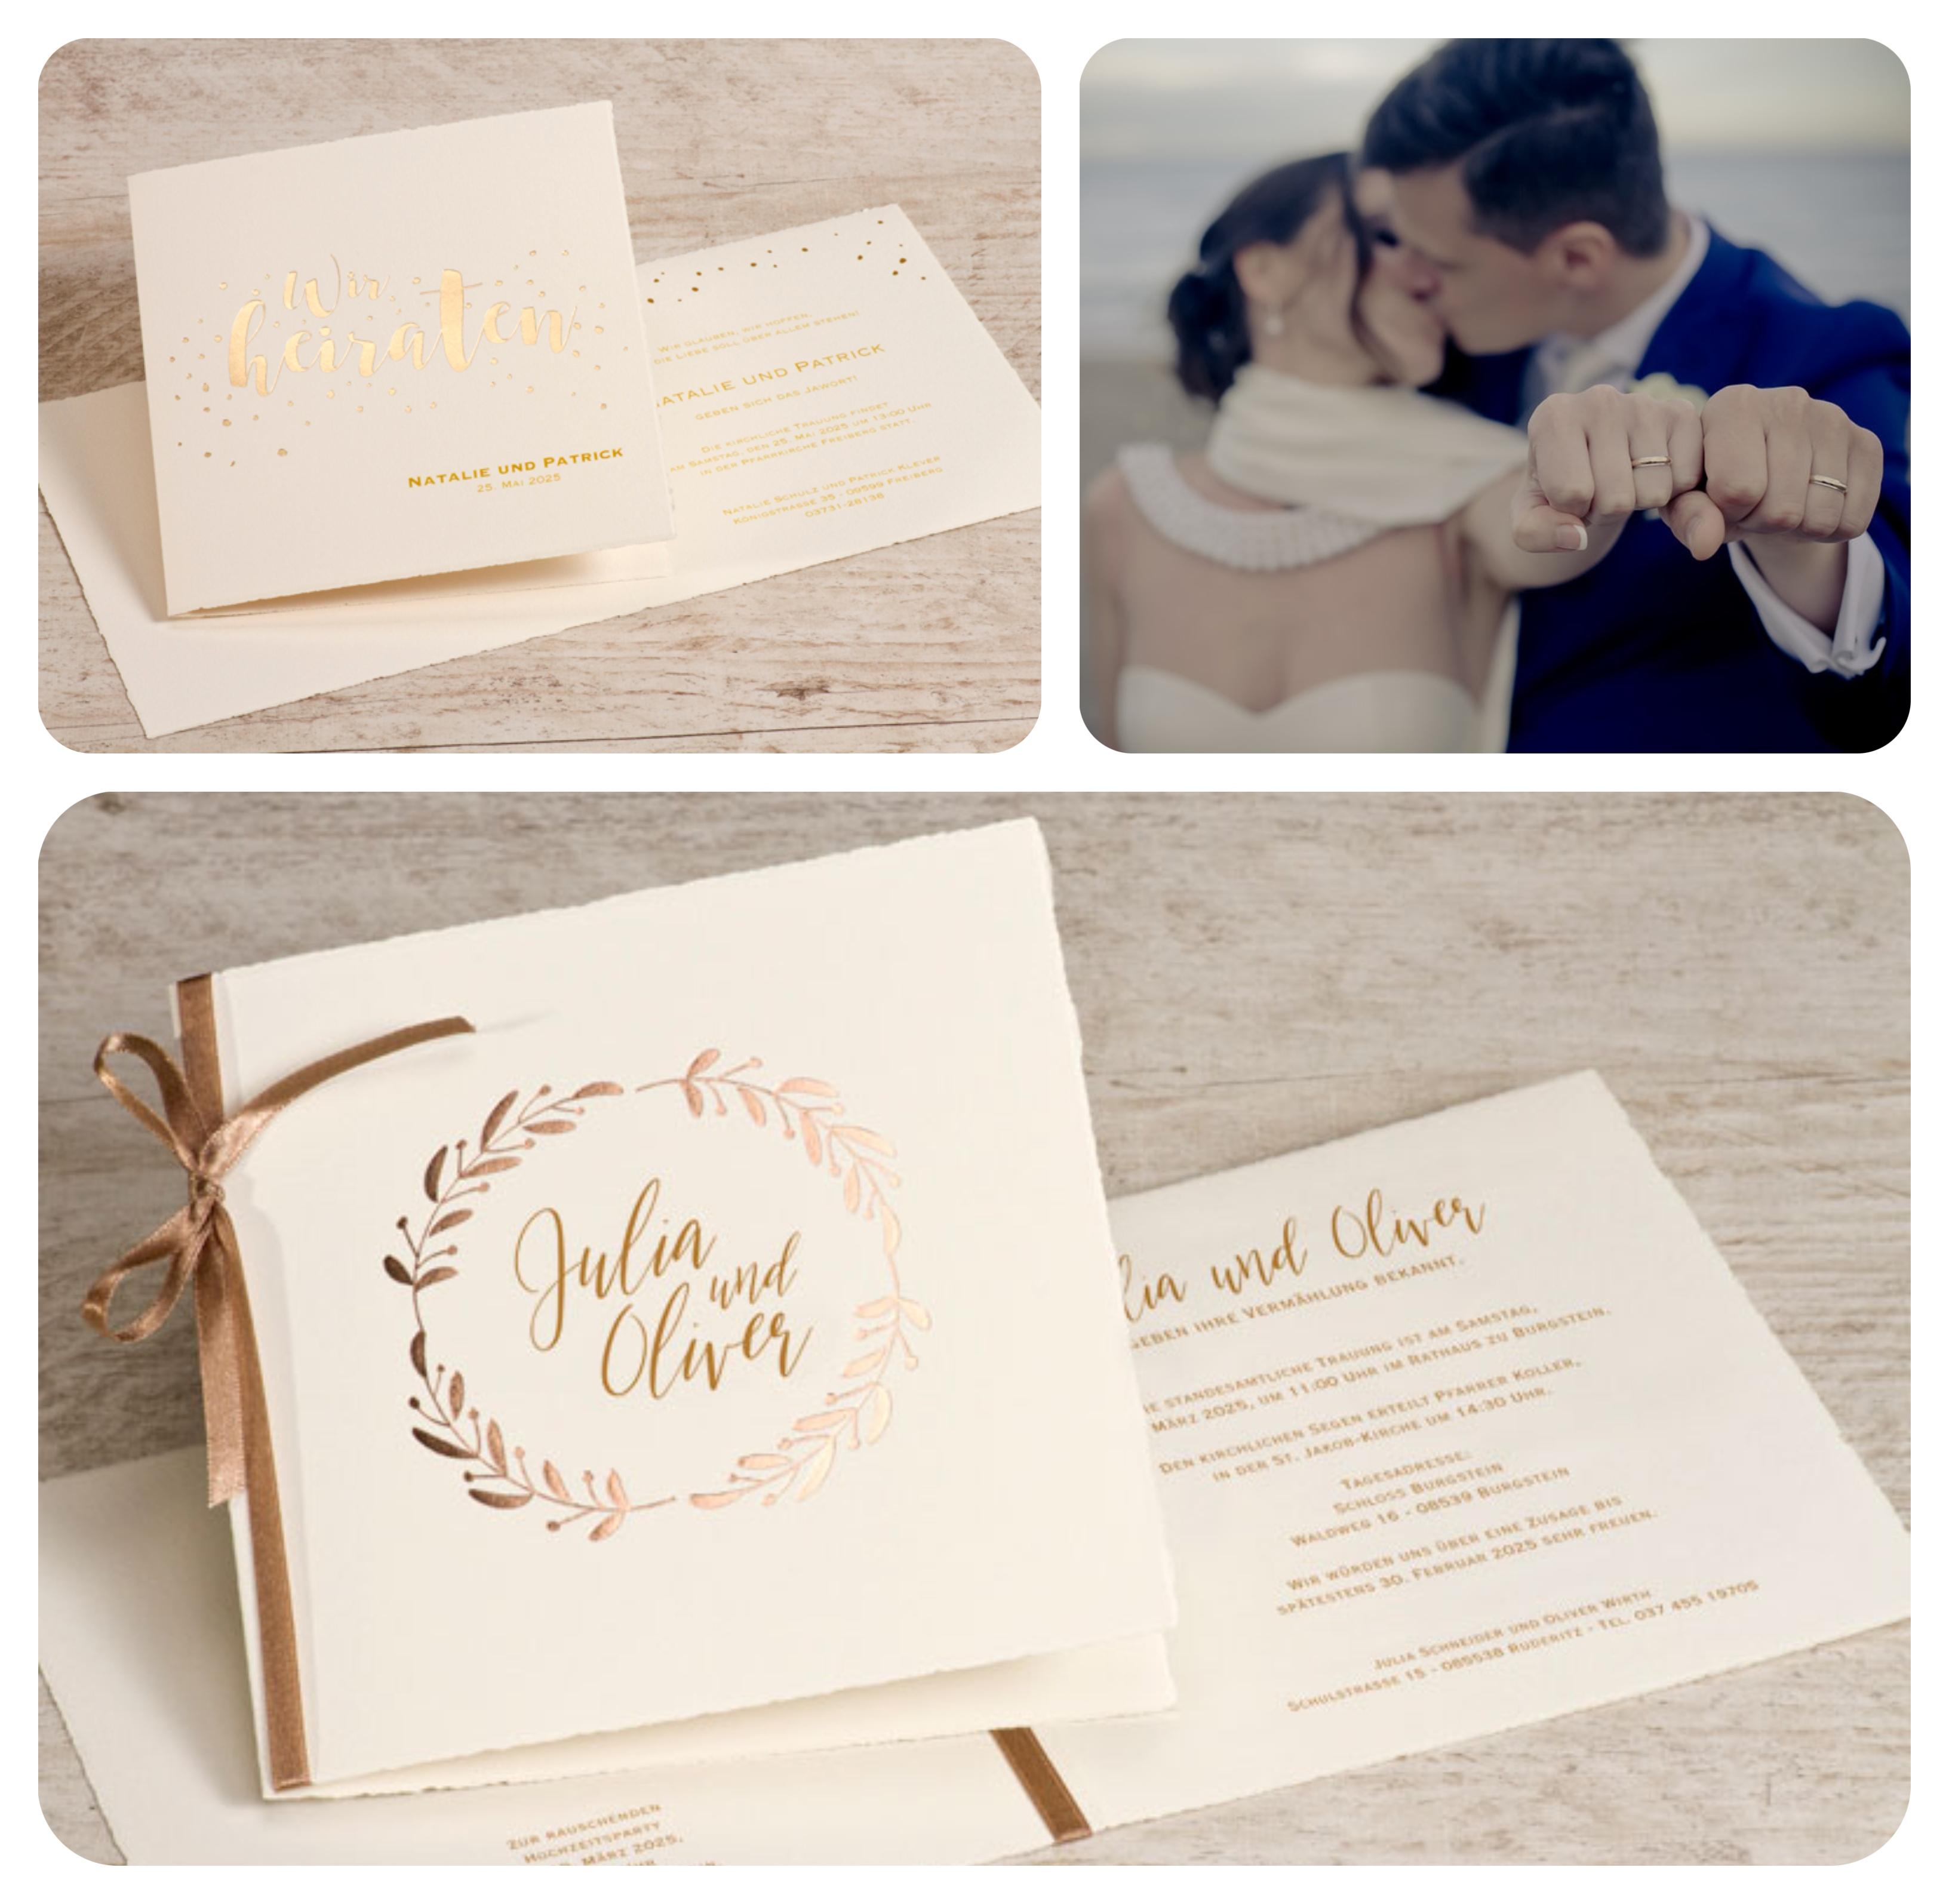 Personalisierte Kalligrafie Handlettering Hochzeitskarten Fur